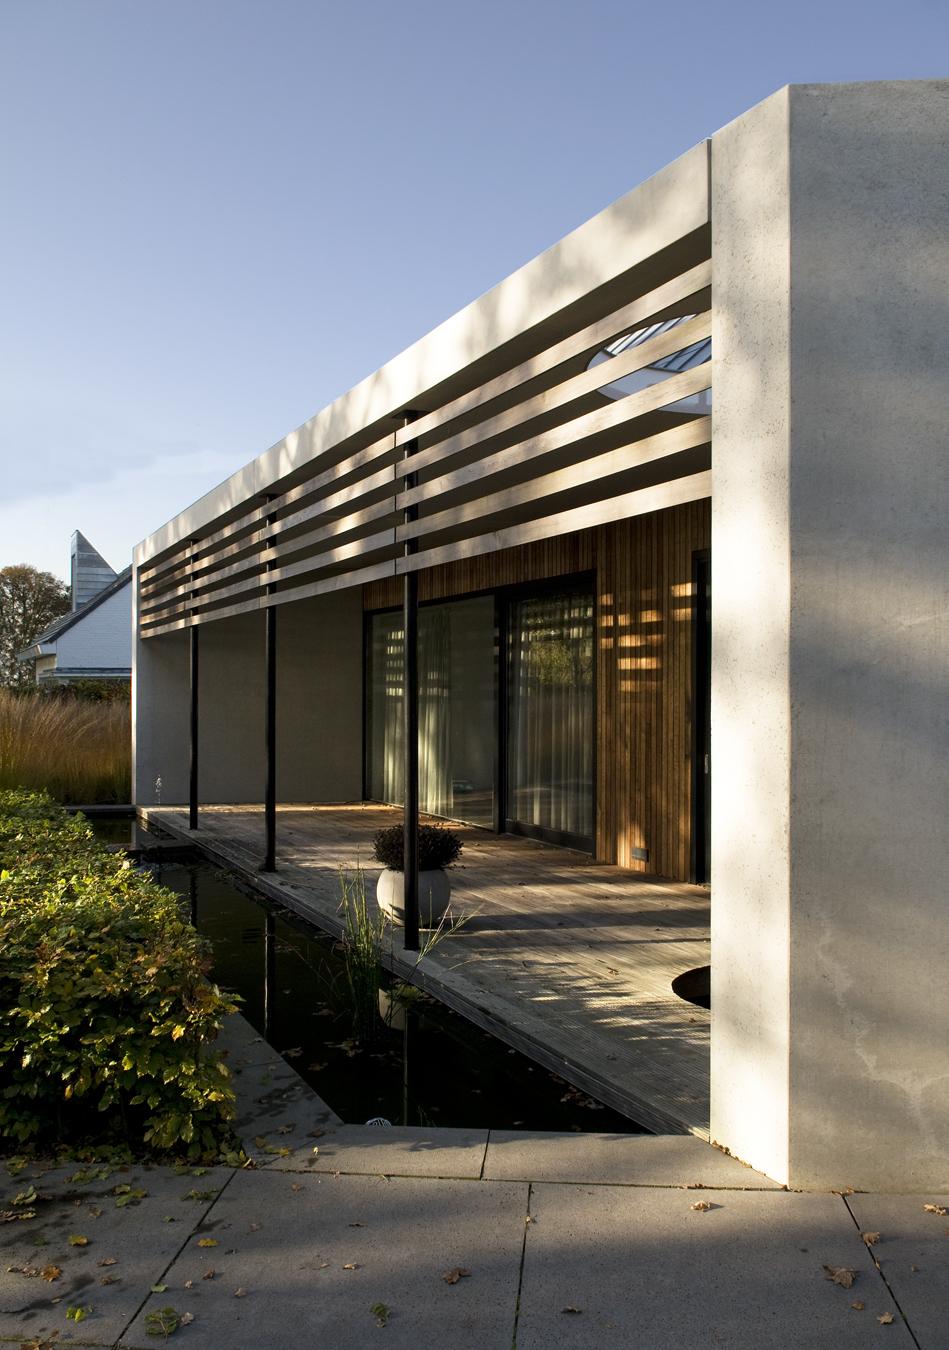 Huis met veranda willemsenu - Huis met veranda binnenkomst ...